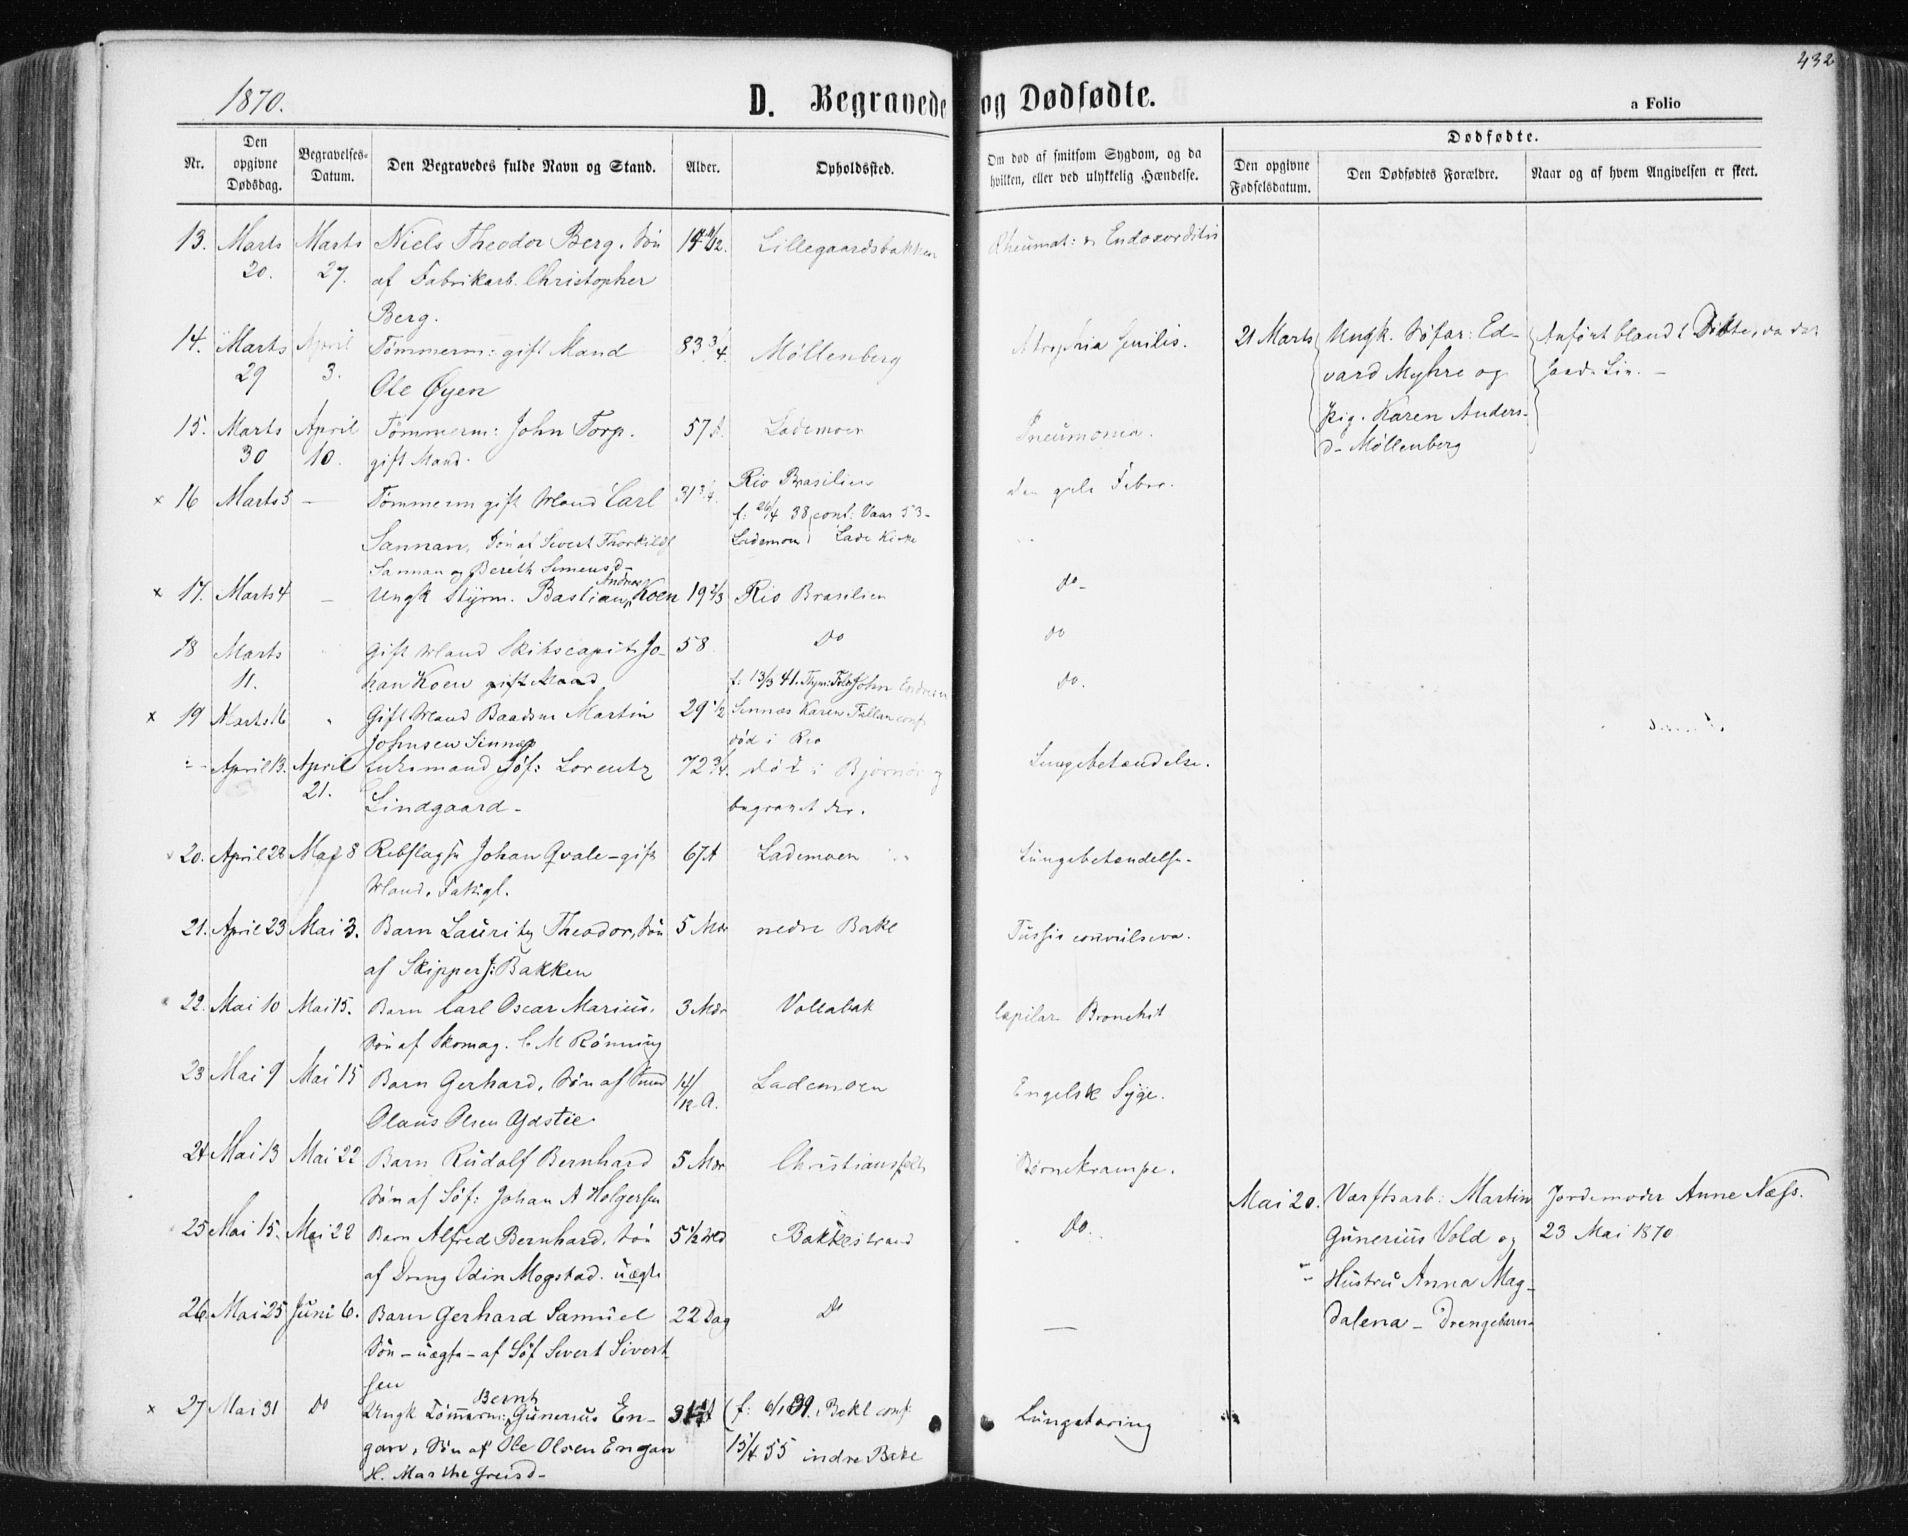 SAT, Ministerialprotokoller, klokkerbøker og fødselsregistre - Sør-Trøndelag, 604/L0186: Ministerialbok nr. 604A07, 1866-1877, s. 432